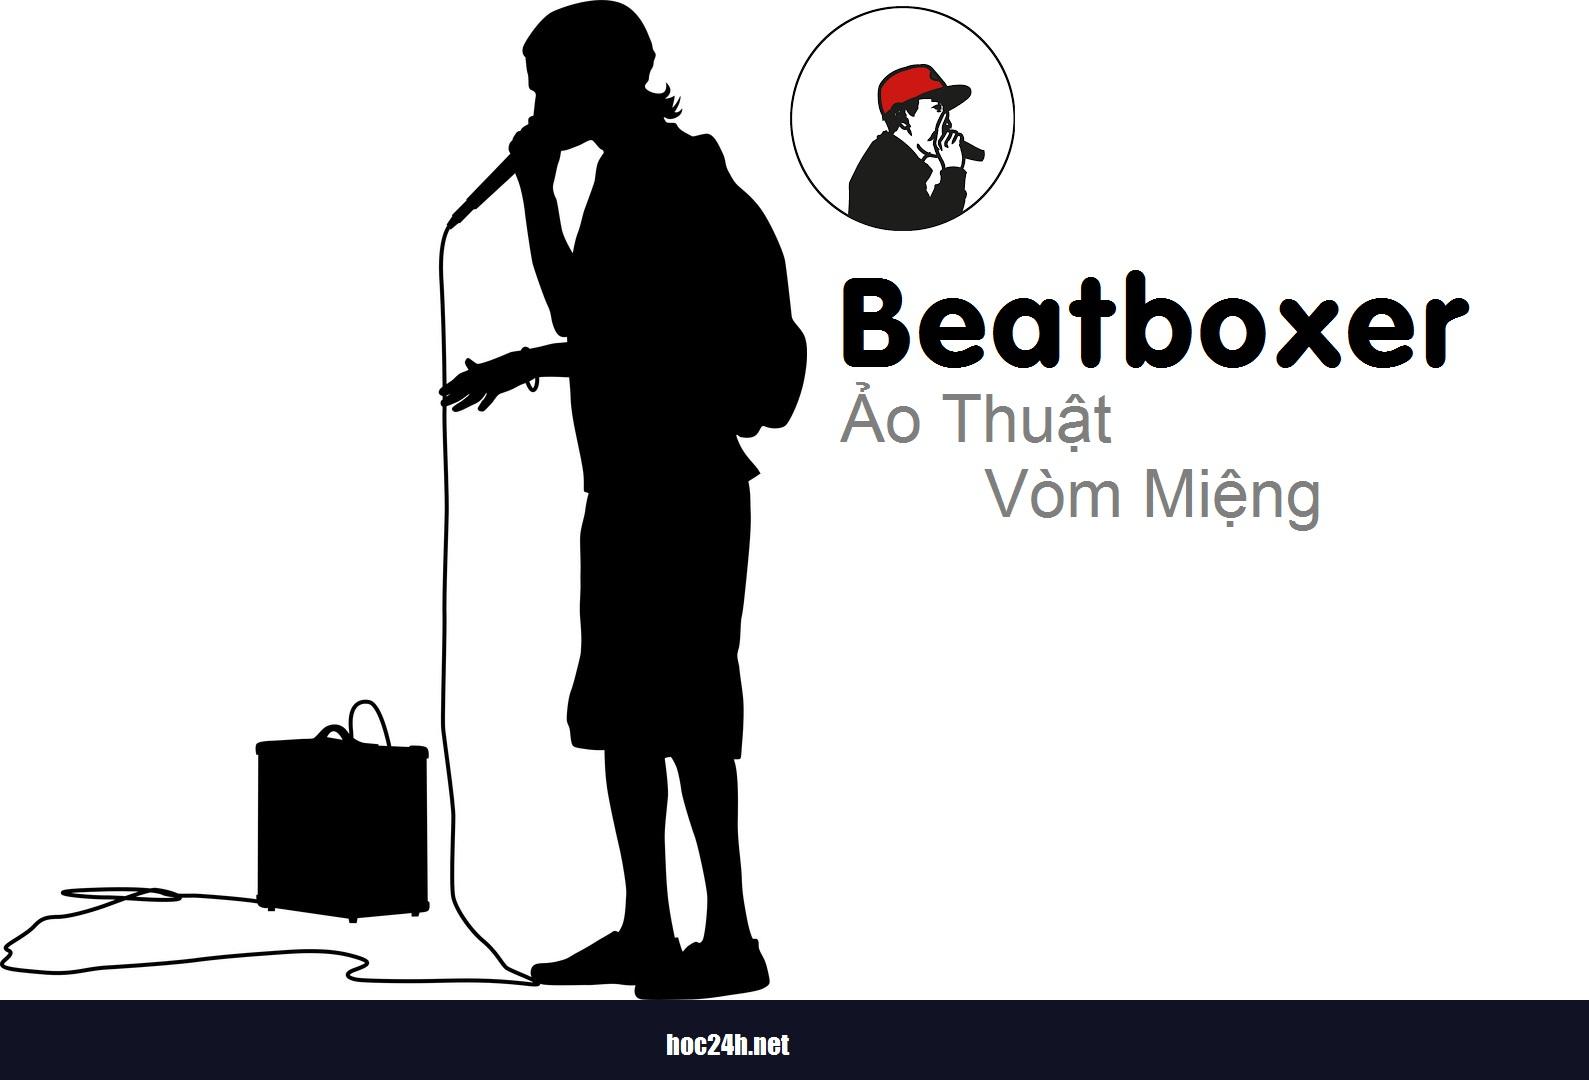 Cùng học ảo thuật với vòm miệng cùng beatboxer số 1 Việt Nam